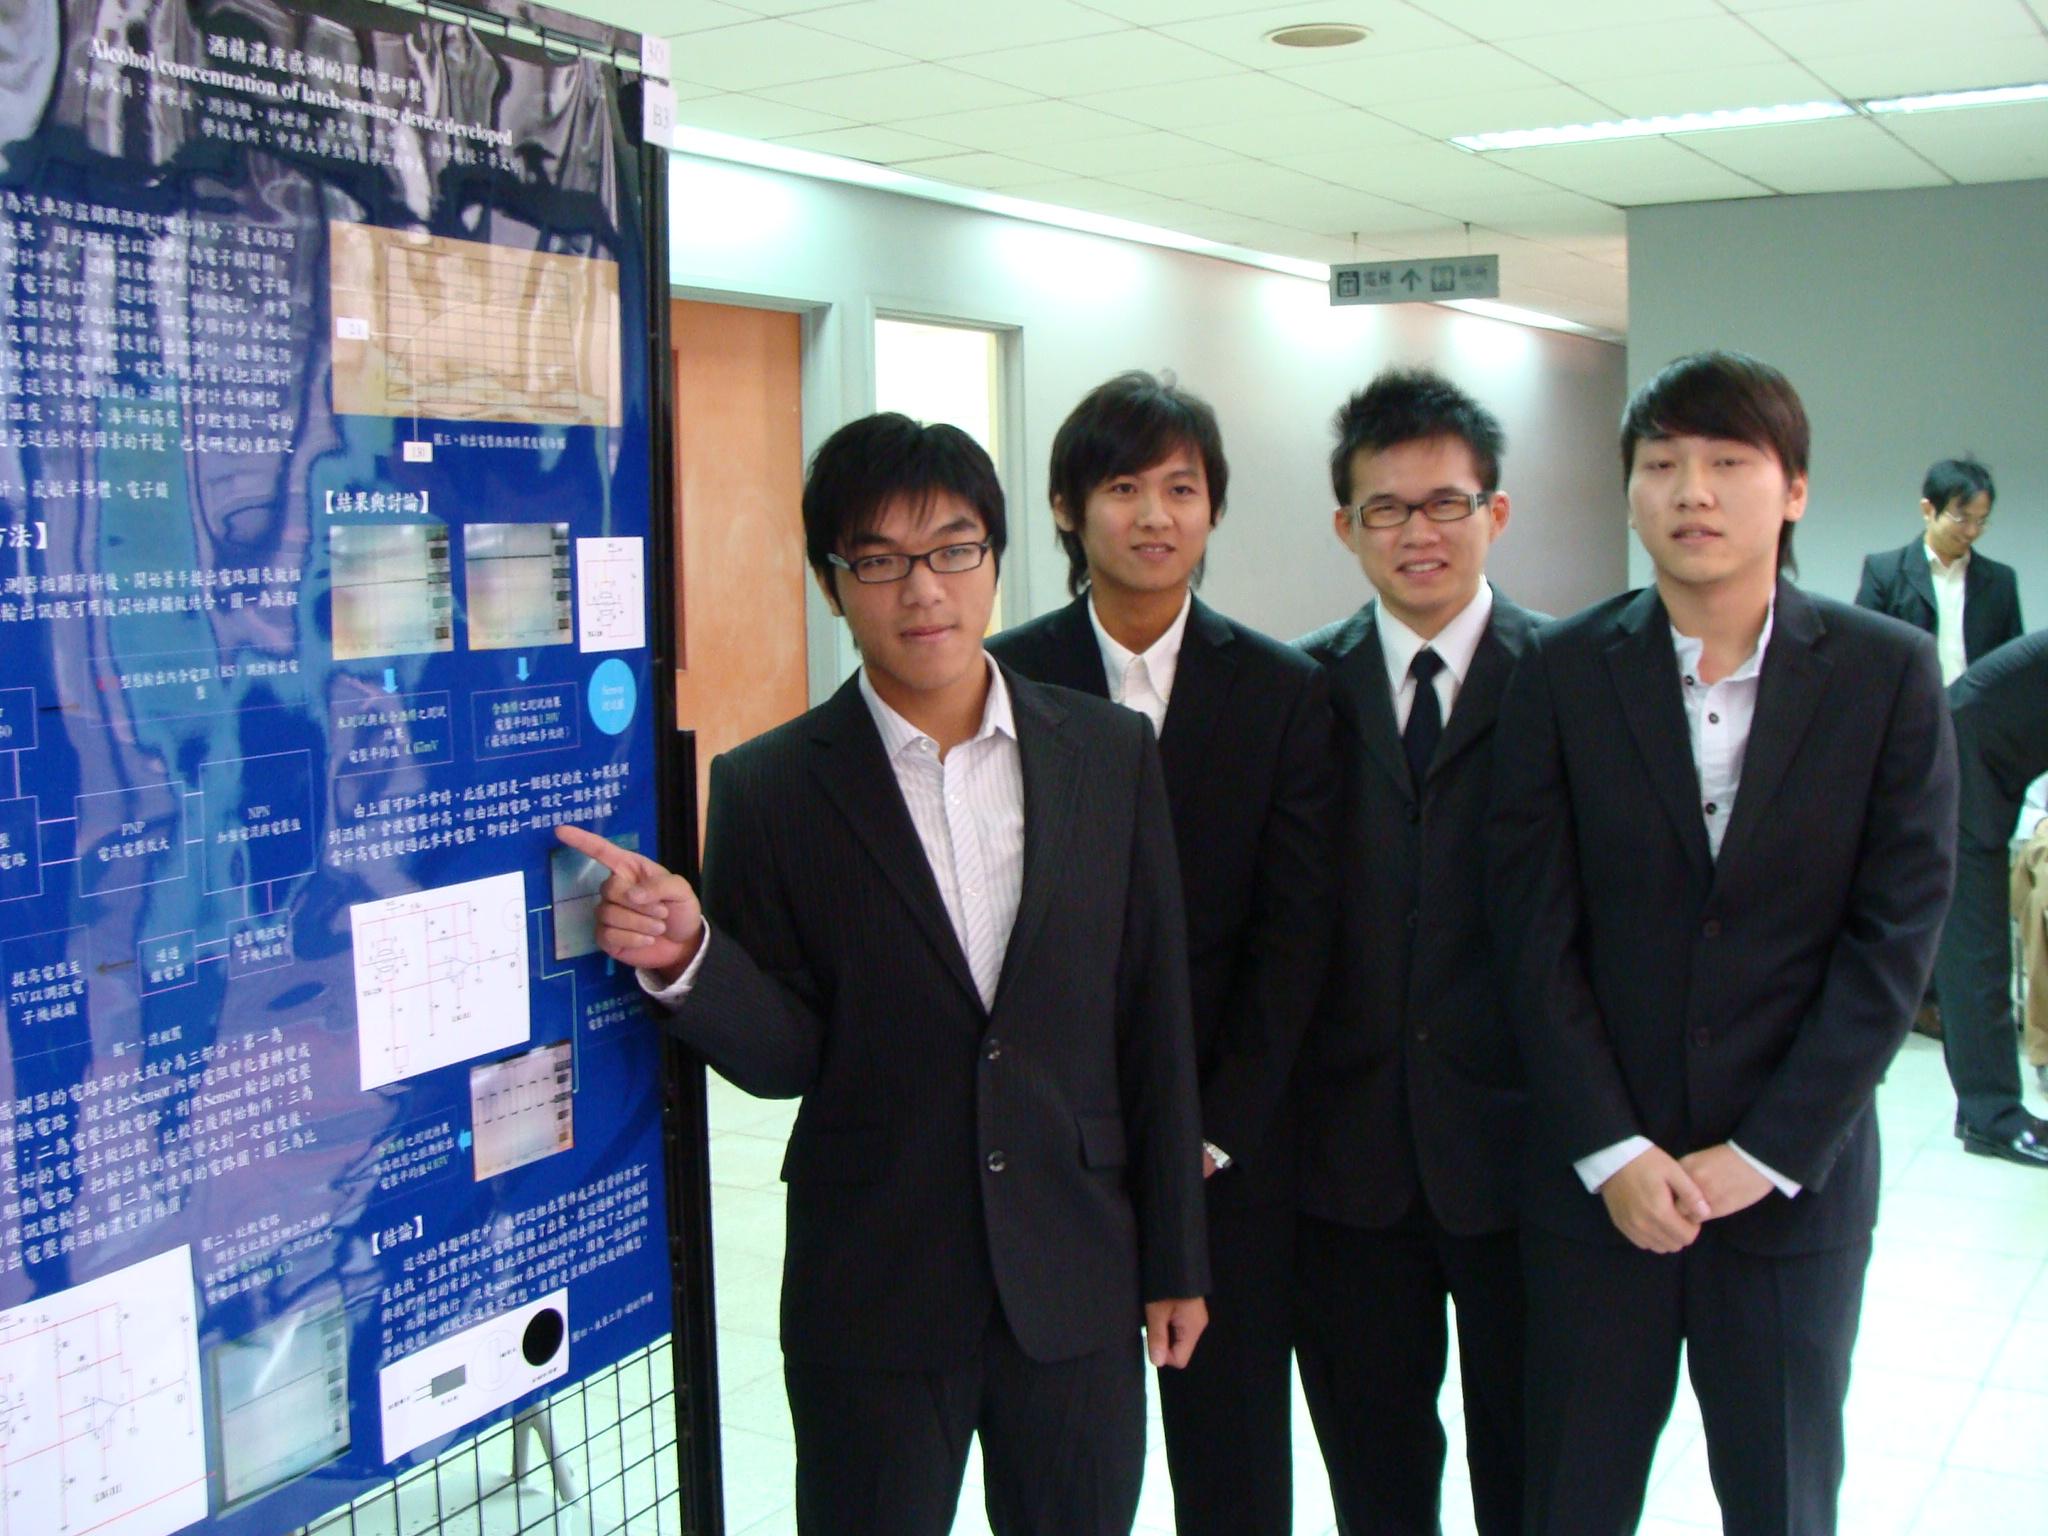 中原大學舉辦全國大學生醫工程創意競賽 作品有創意又能結合民生所需